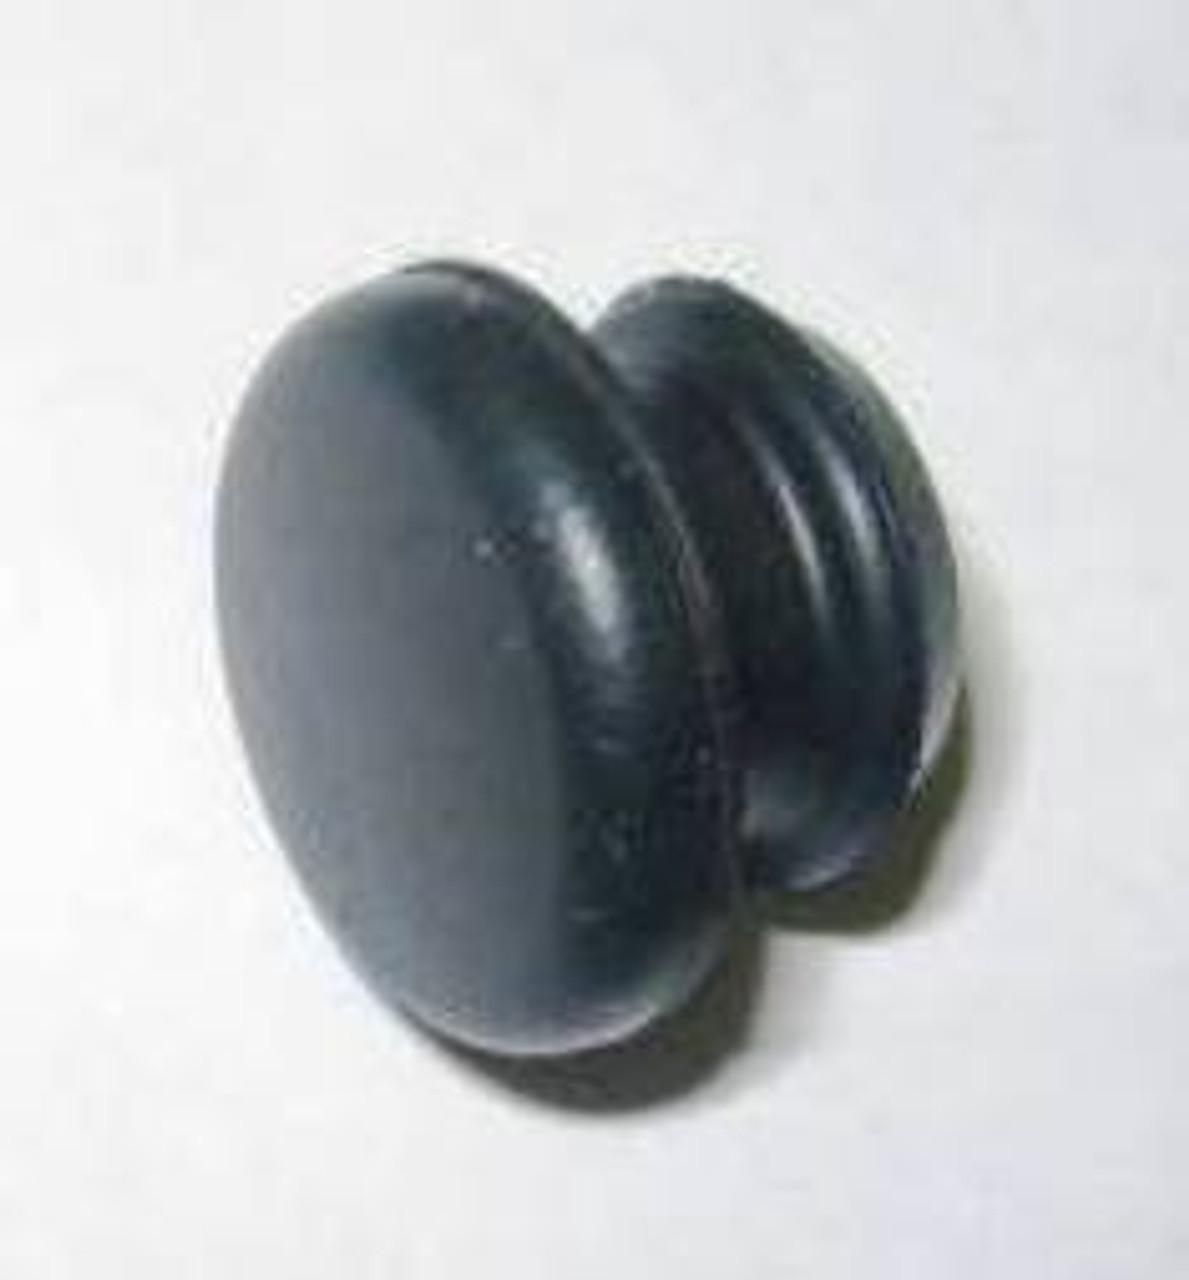 Yamaha Brake Plate Inspection Plug, 90480-10068-00